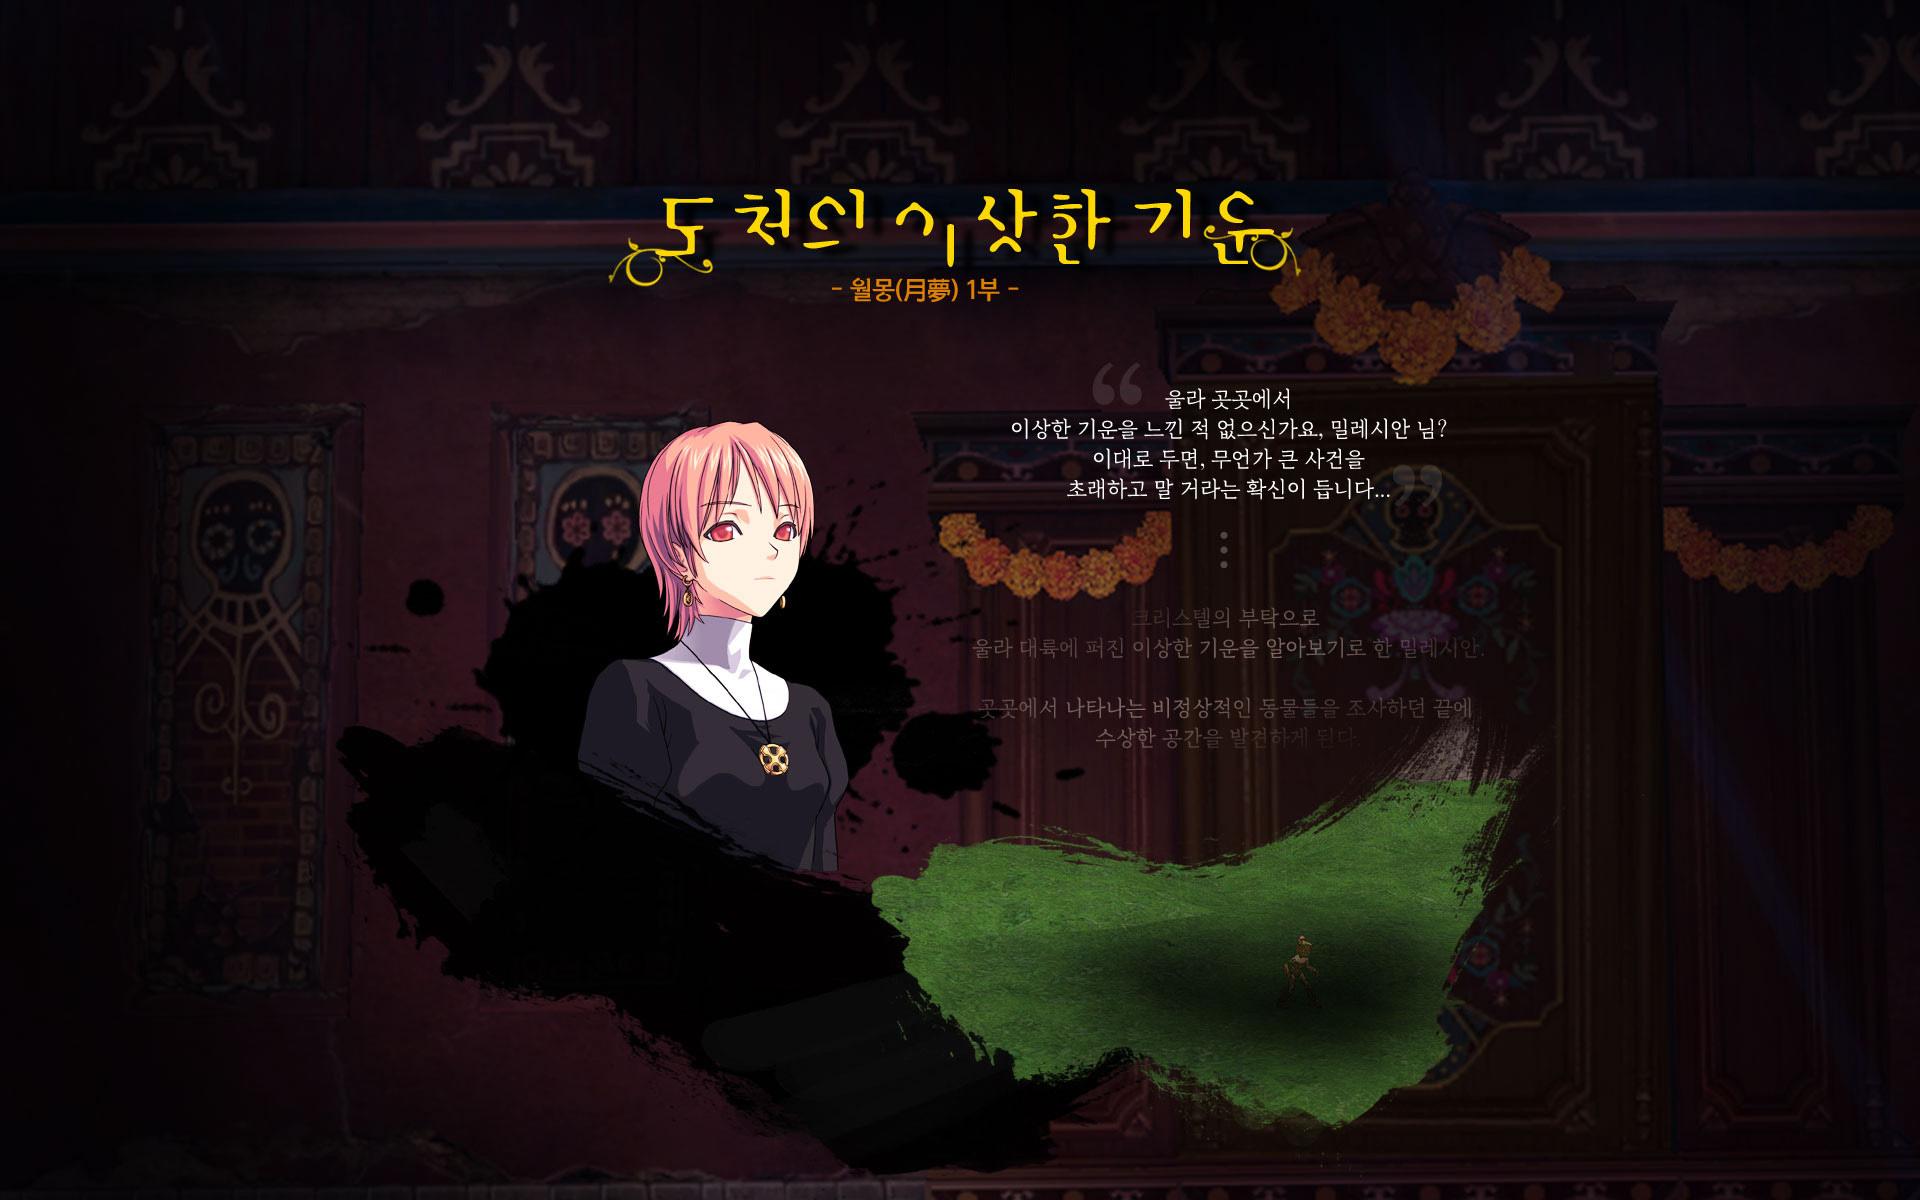 韓国マビ・ハロウィン2